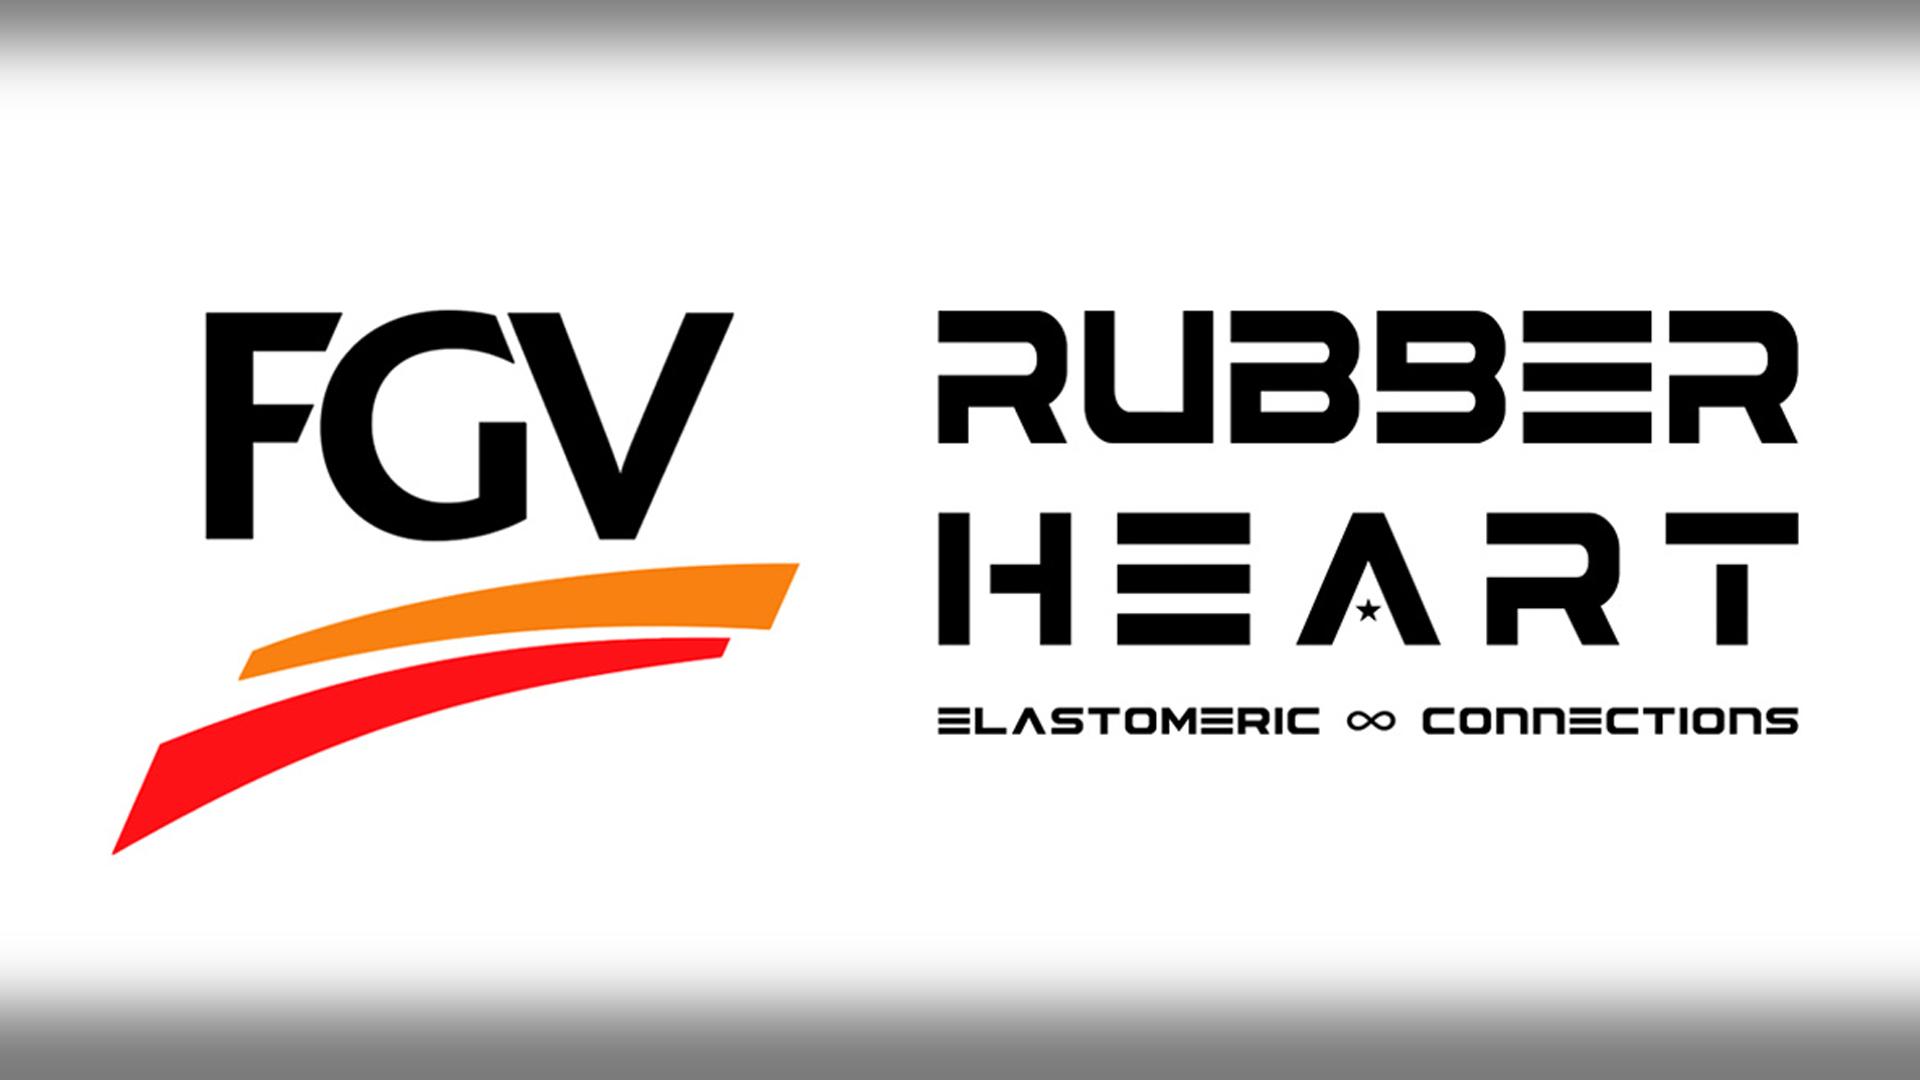 FGV Rubber Heart